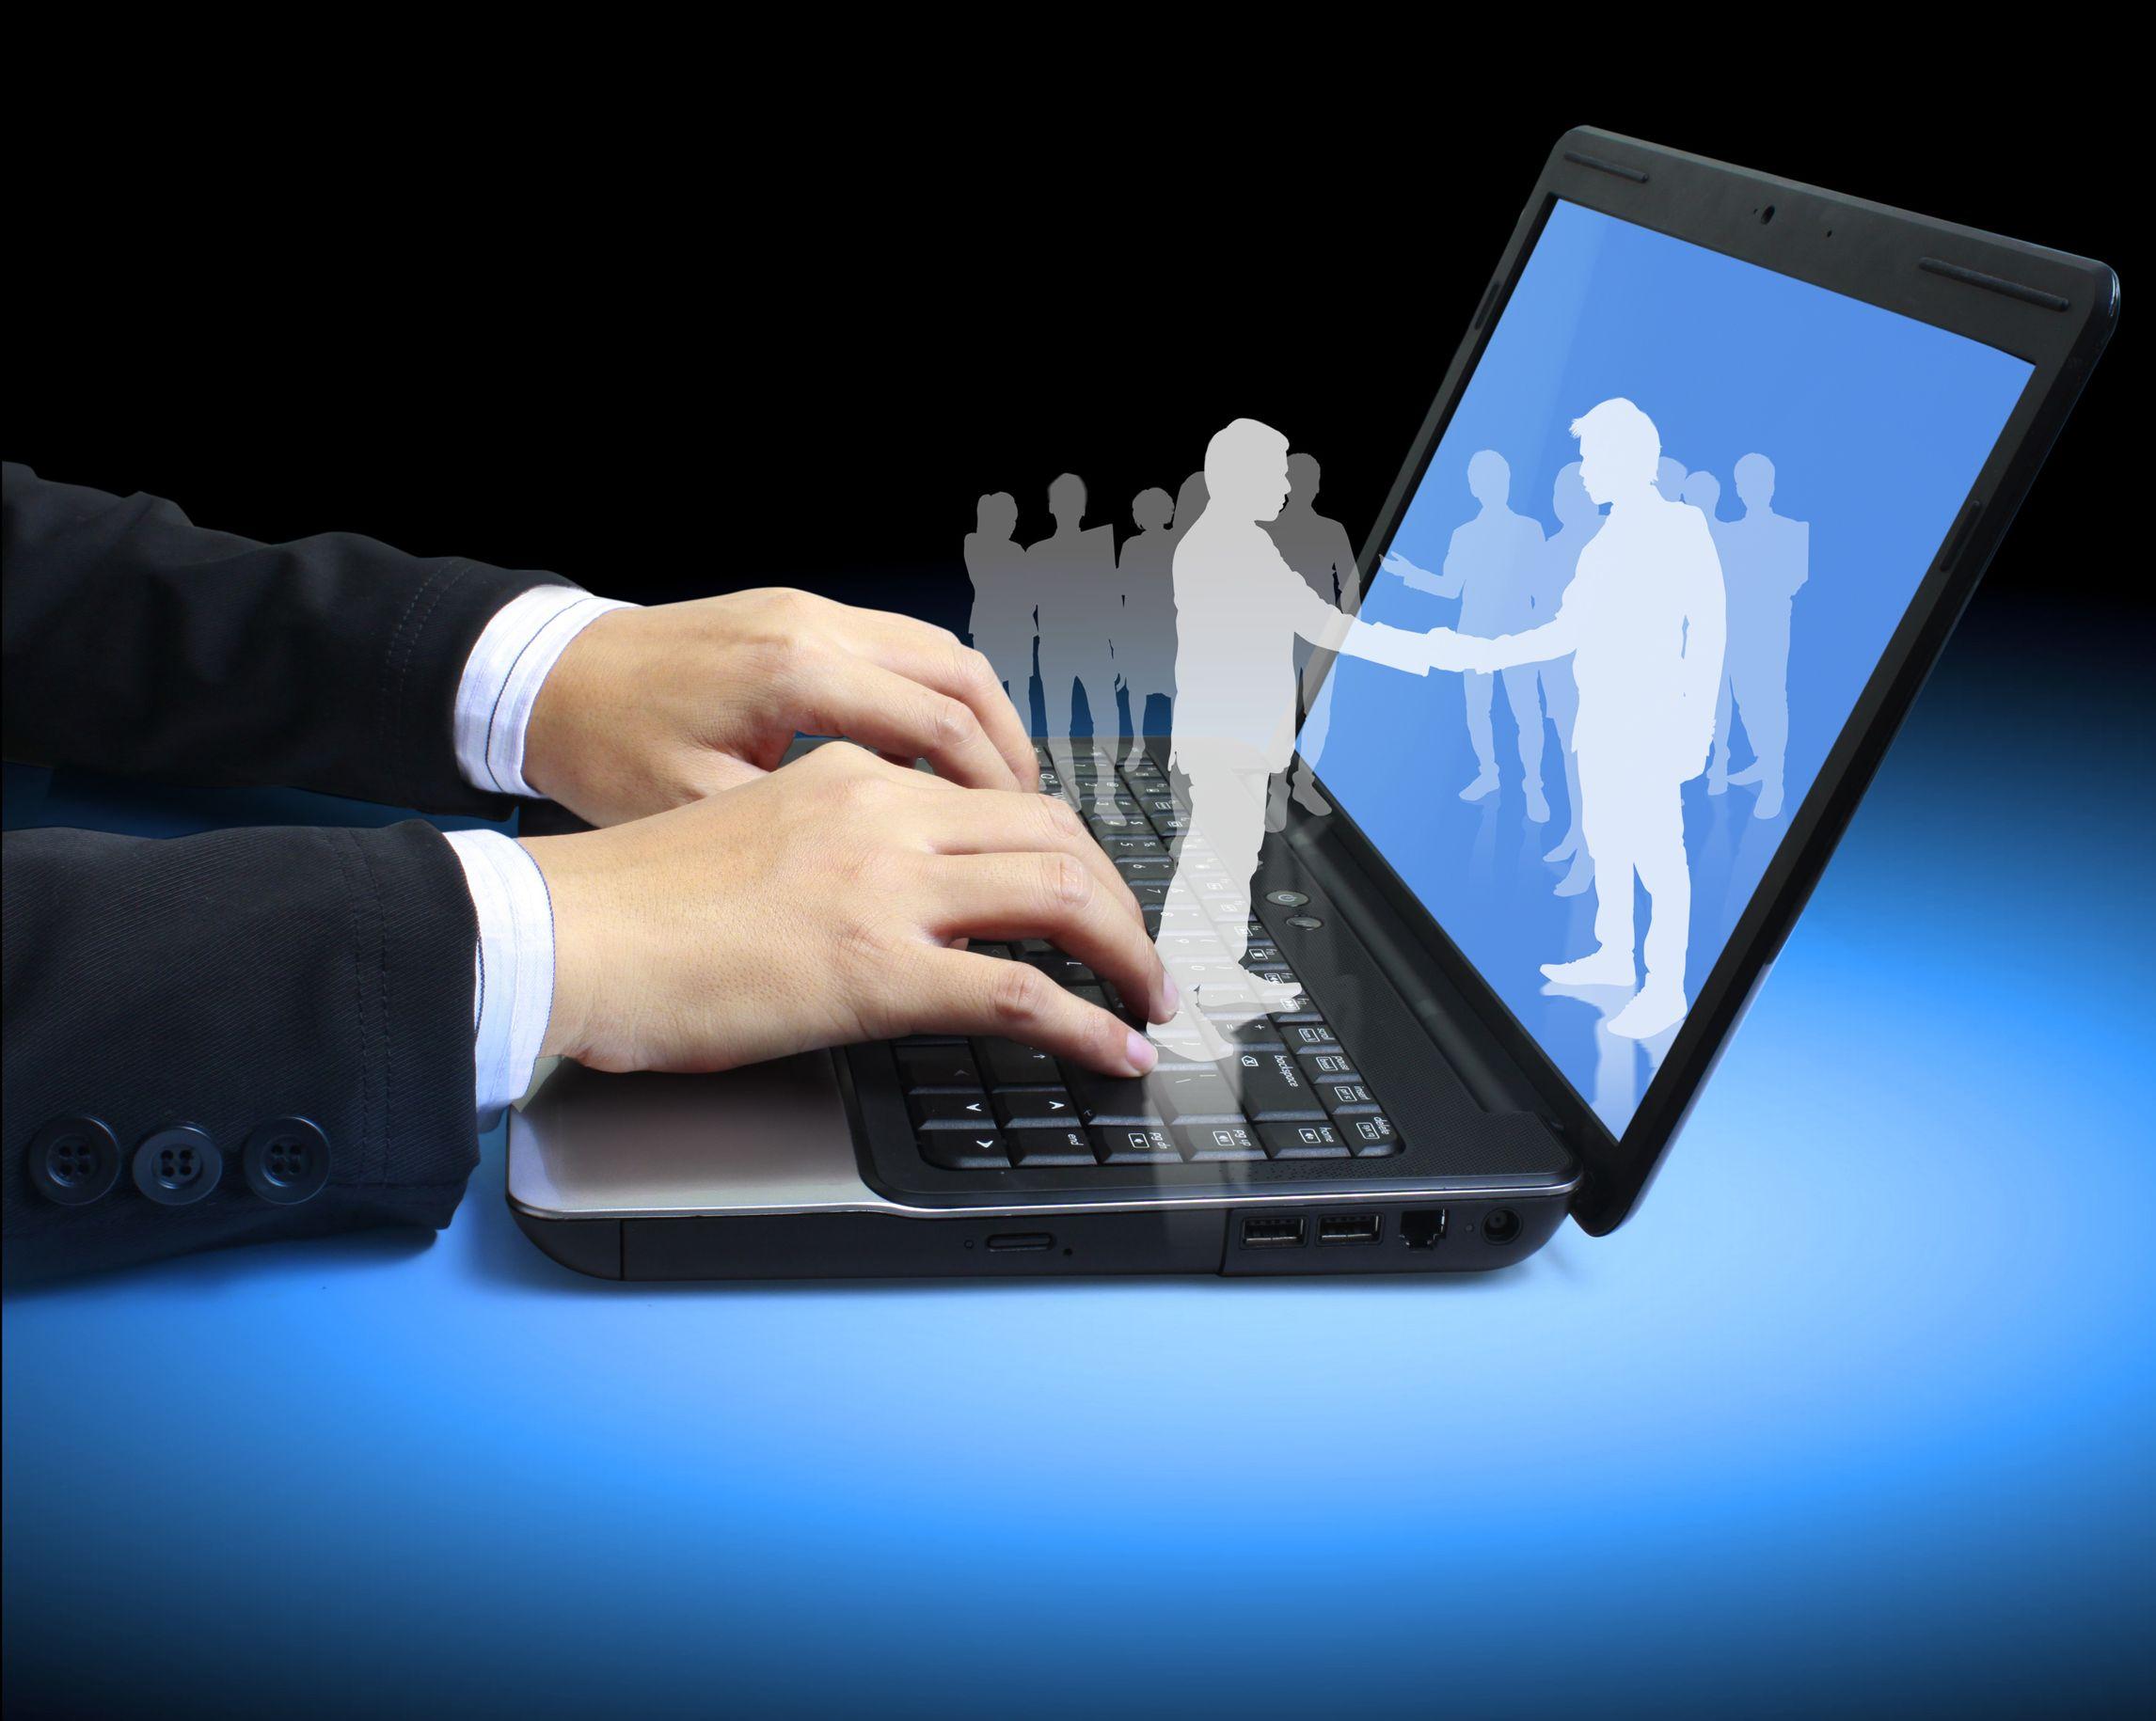 اعتماد کلید ورود به معاملات اينترنتي